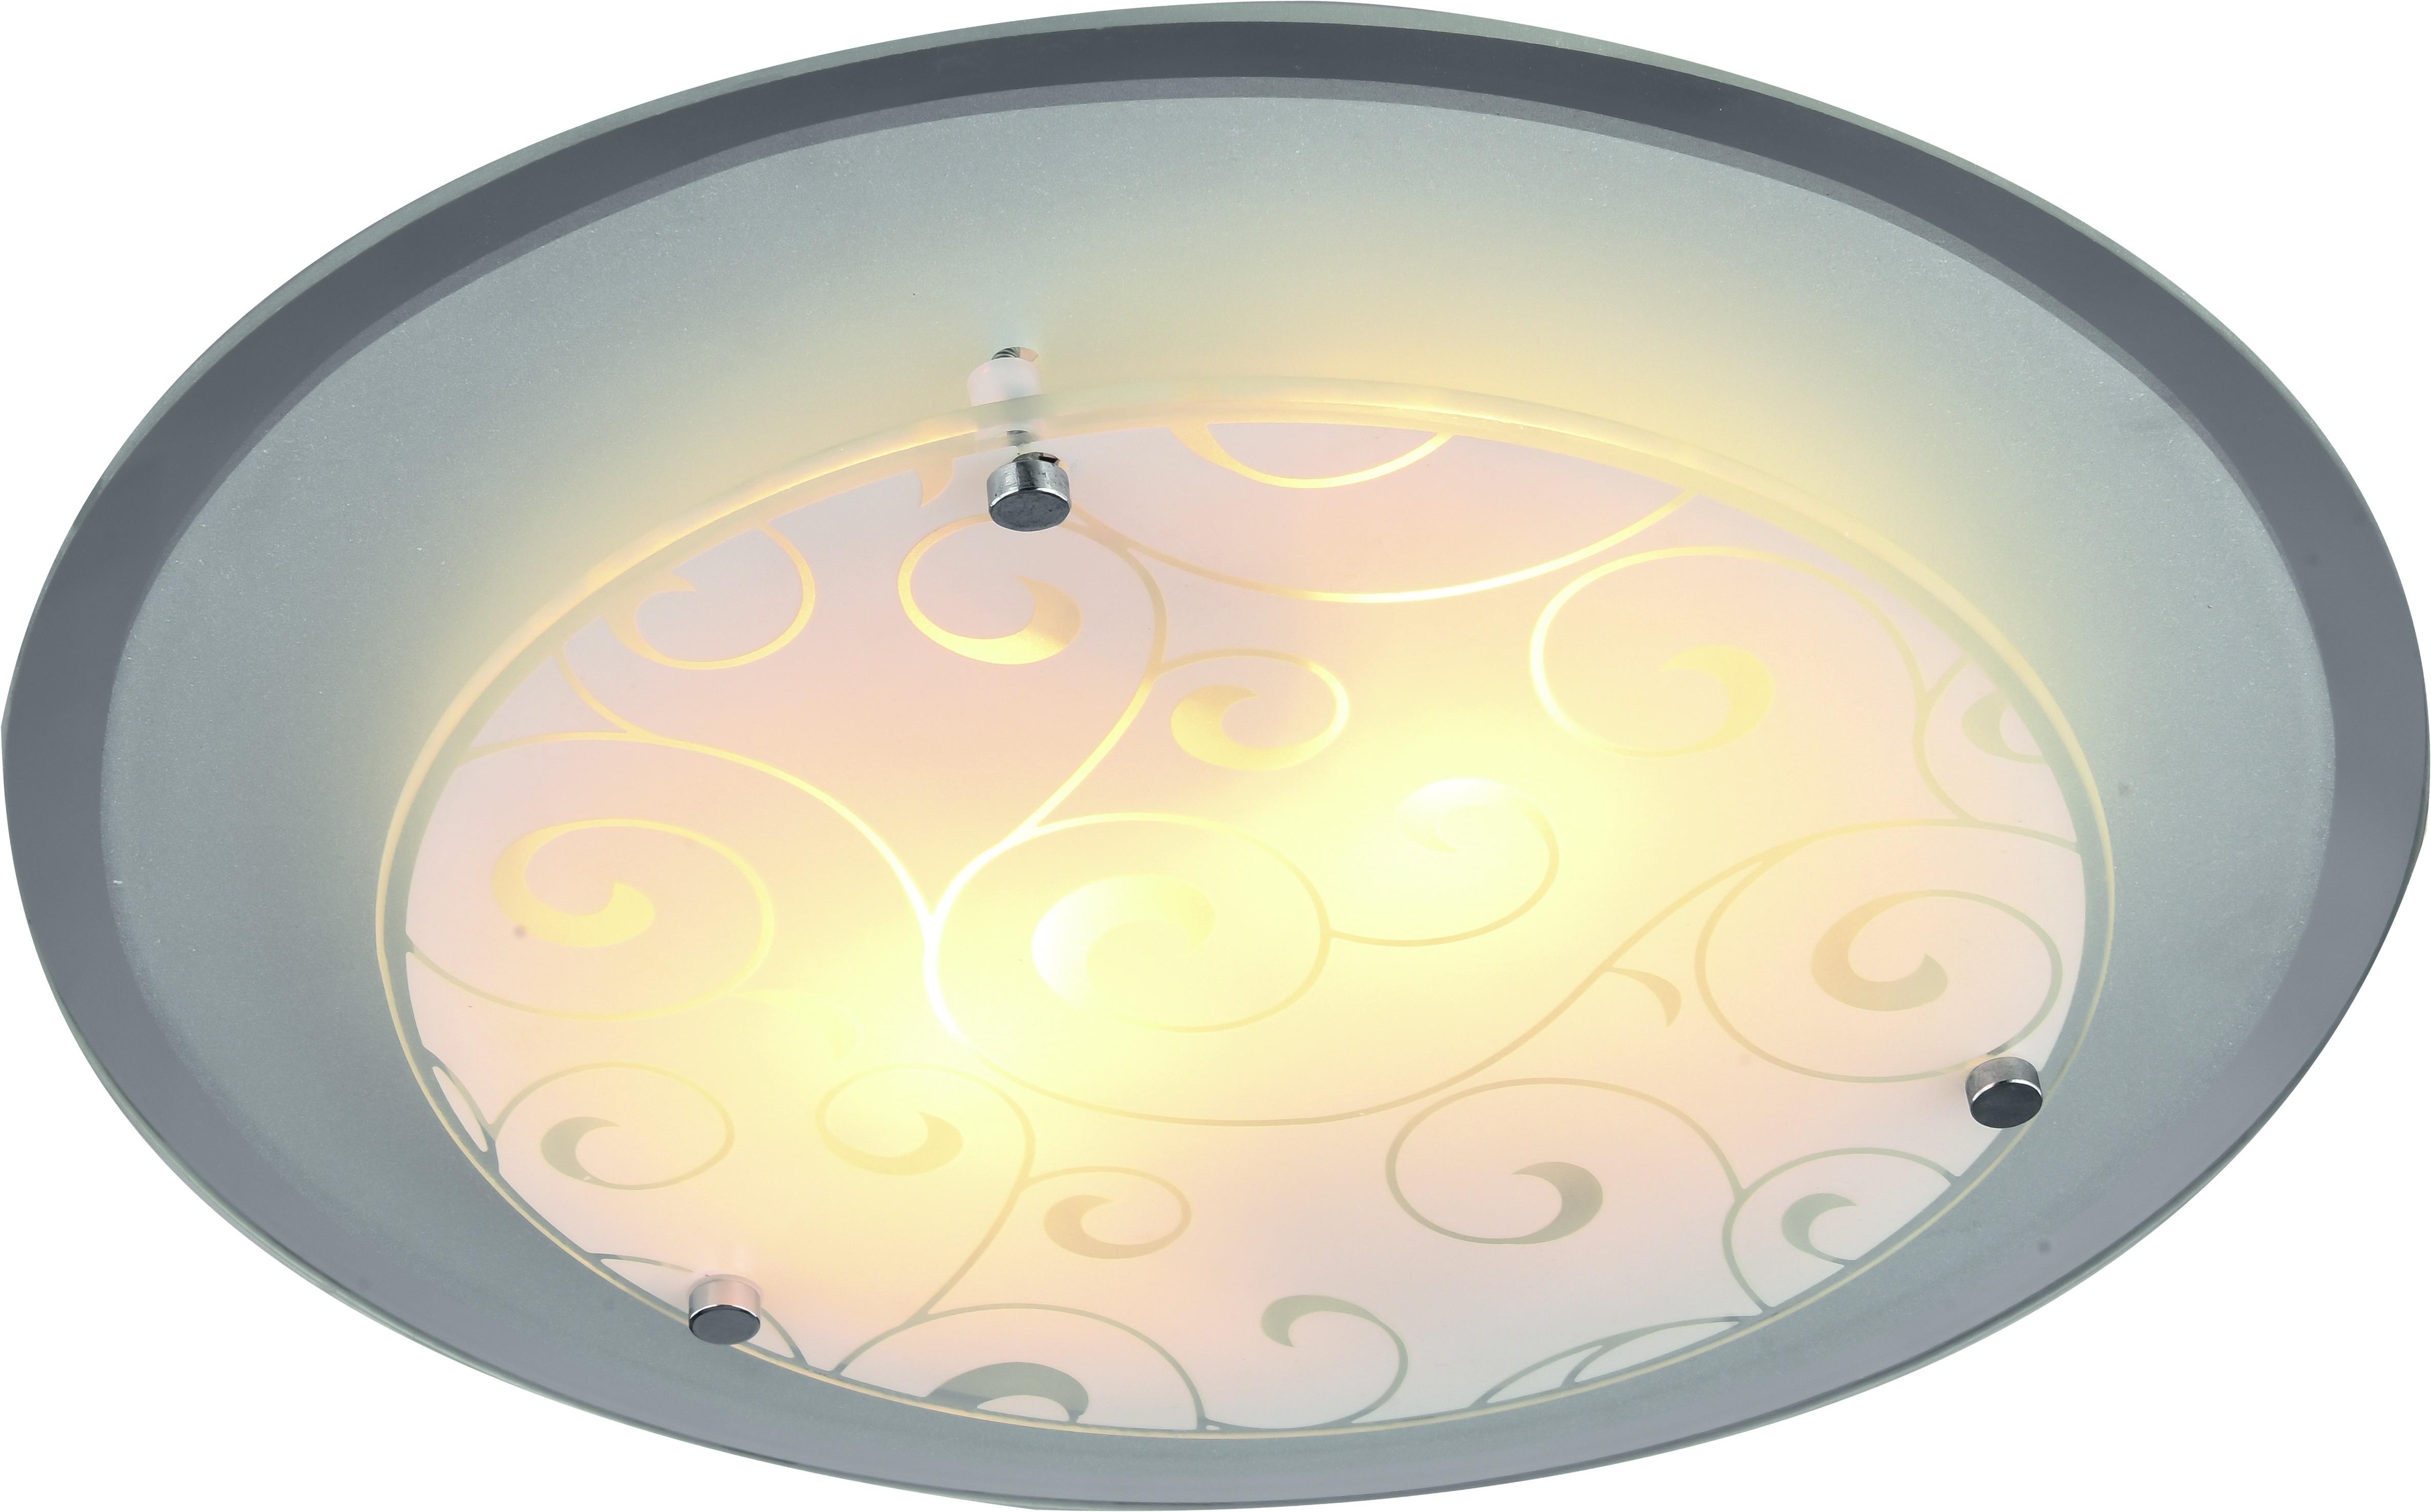 Светильник настенно-потолочный Arte lamp A4806pl-2cc цены